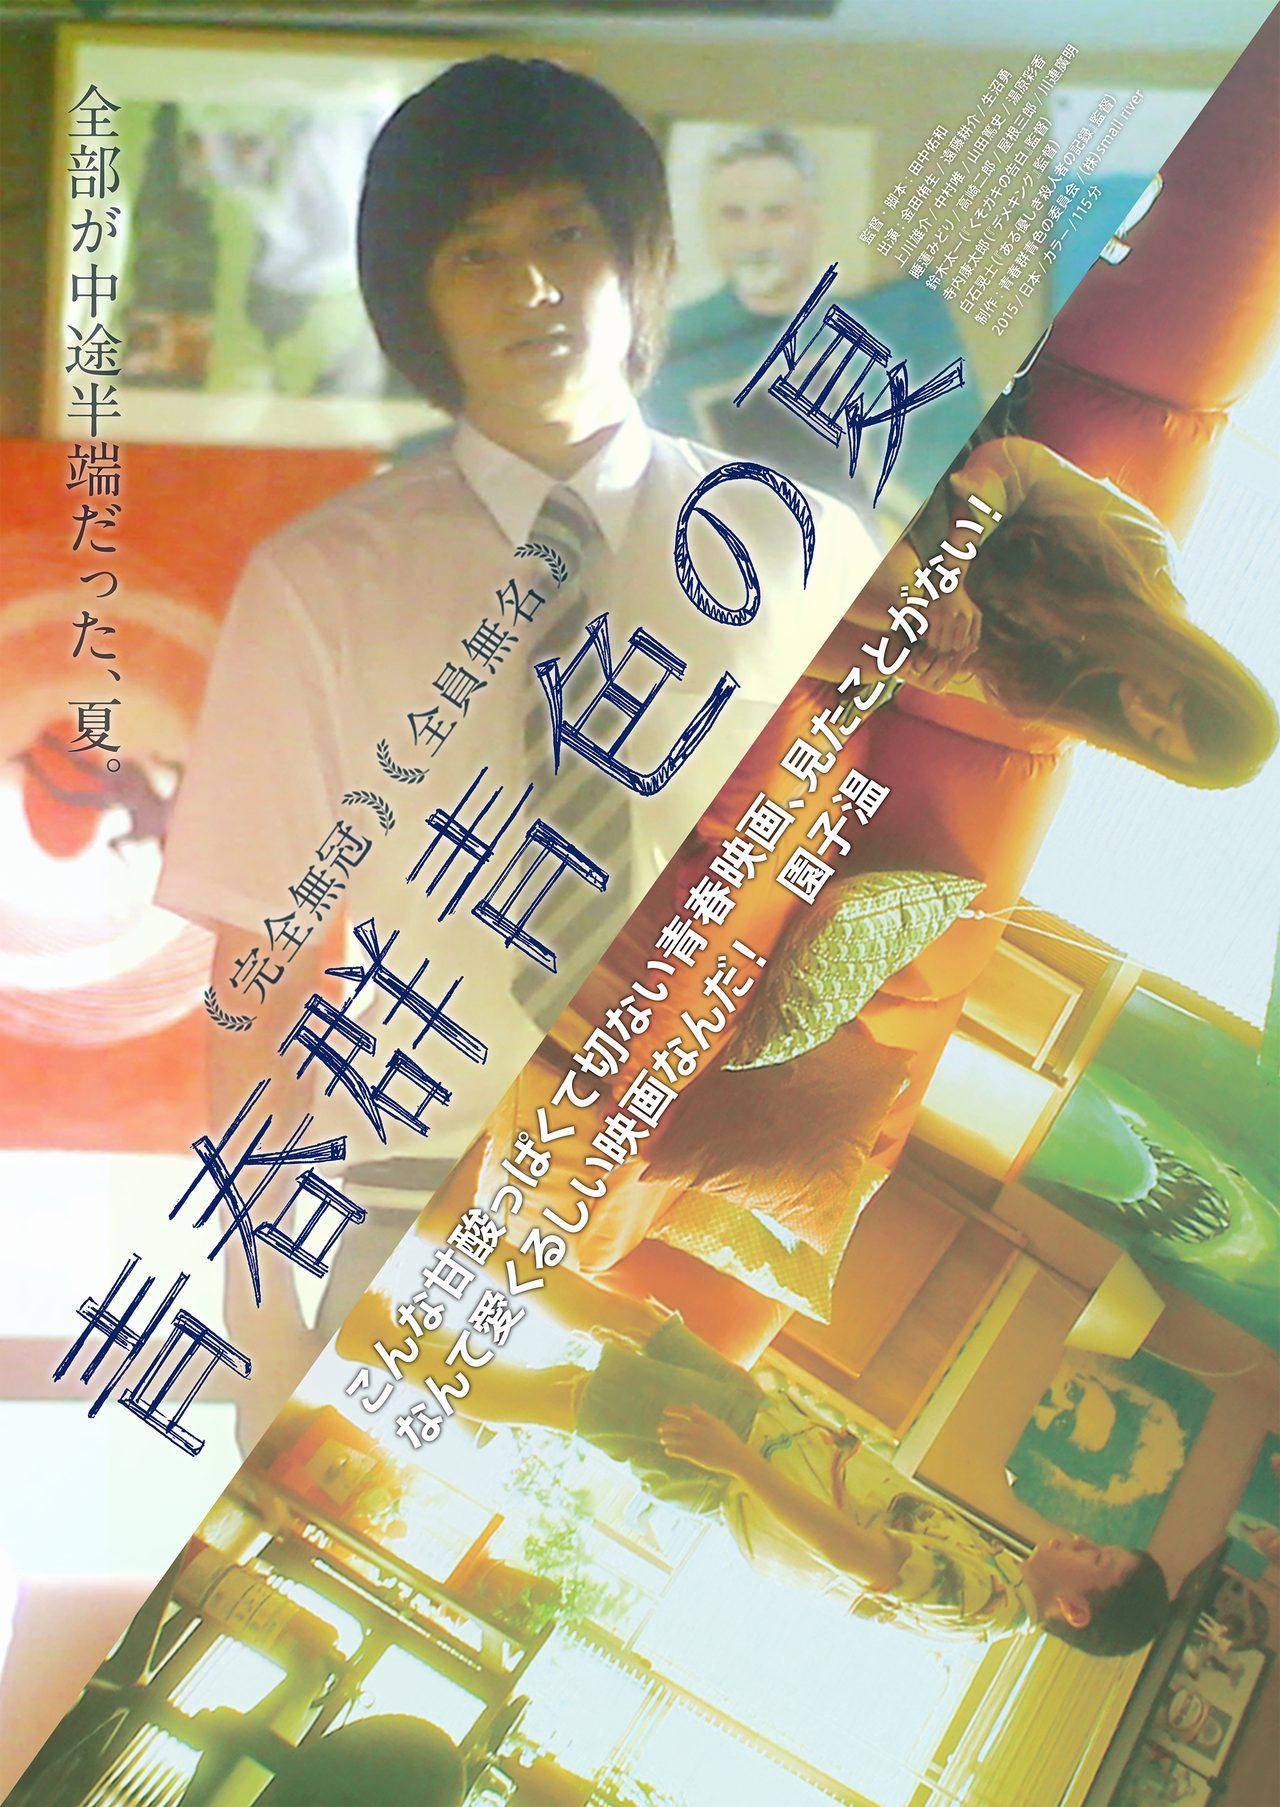 画像1: ポップな色彩と透明感あふれる映像美 ゼロ年代の東京を生きた僕らのための青春群像劇